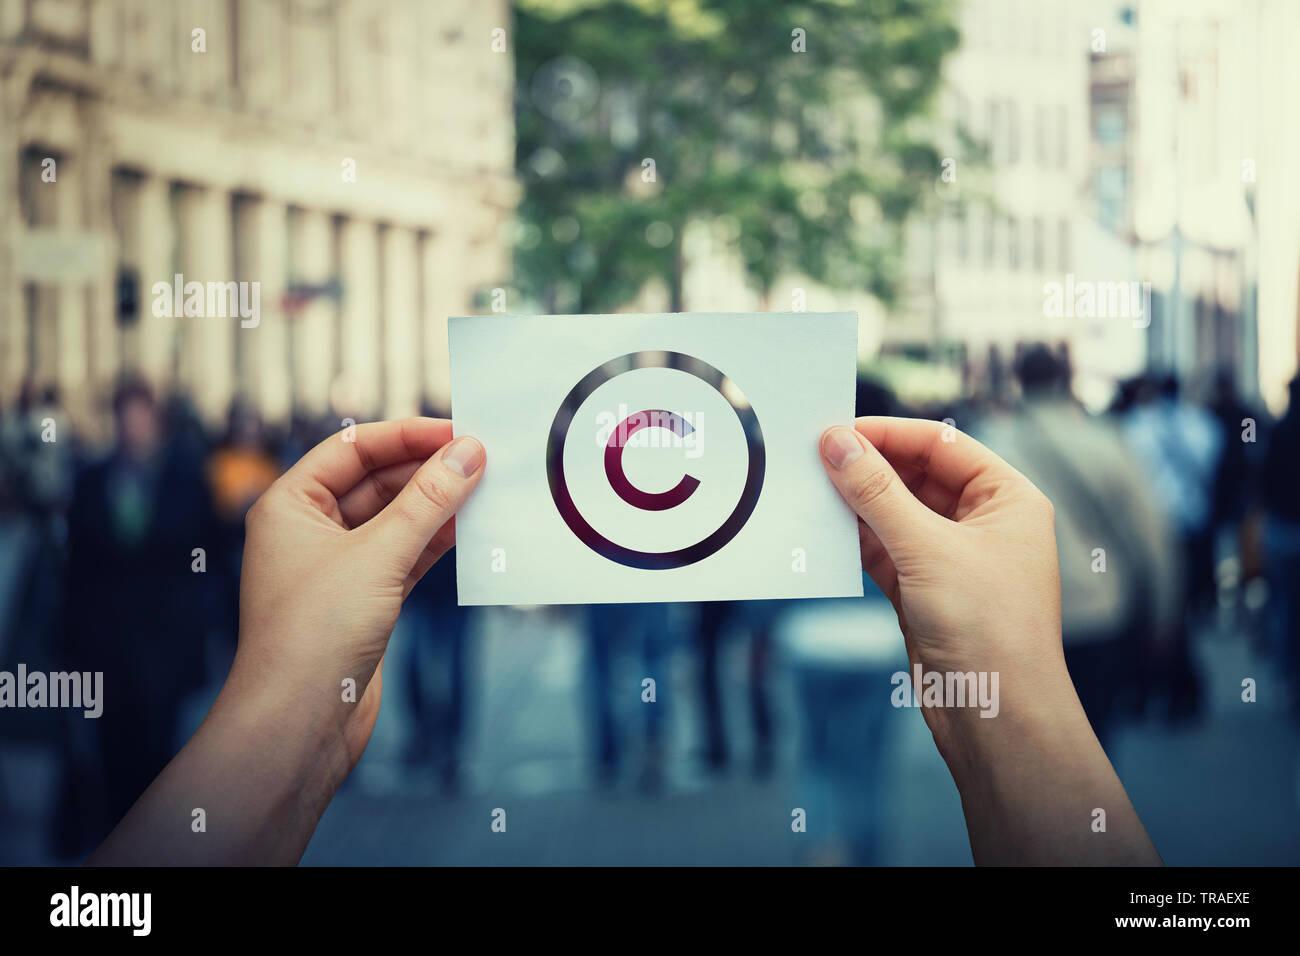 Manos sostienen el papel con el símbolo de copyright. Derechos legales internacionales signo de propiedad intelectual, la protección de patentes. Copyleft licencia de marca. Creación Foto de stock